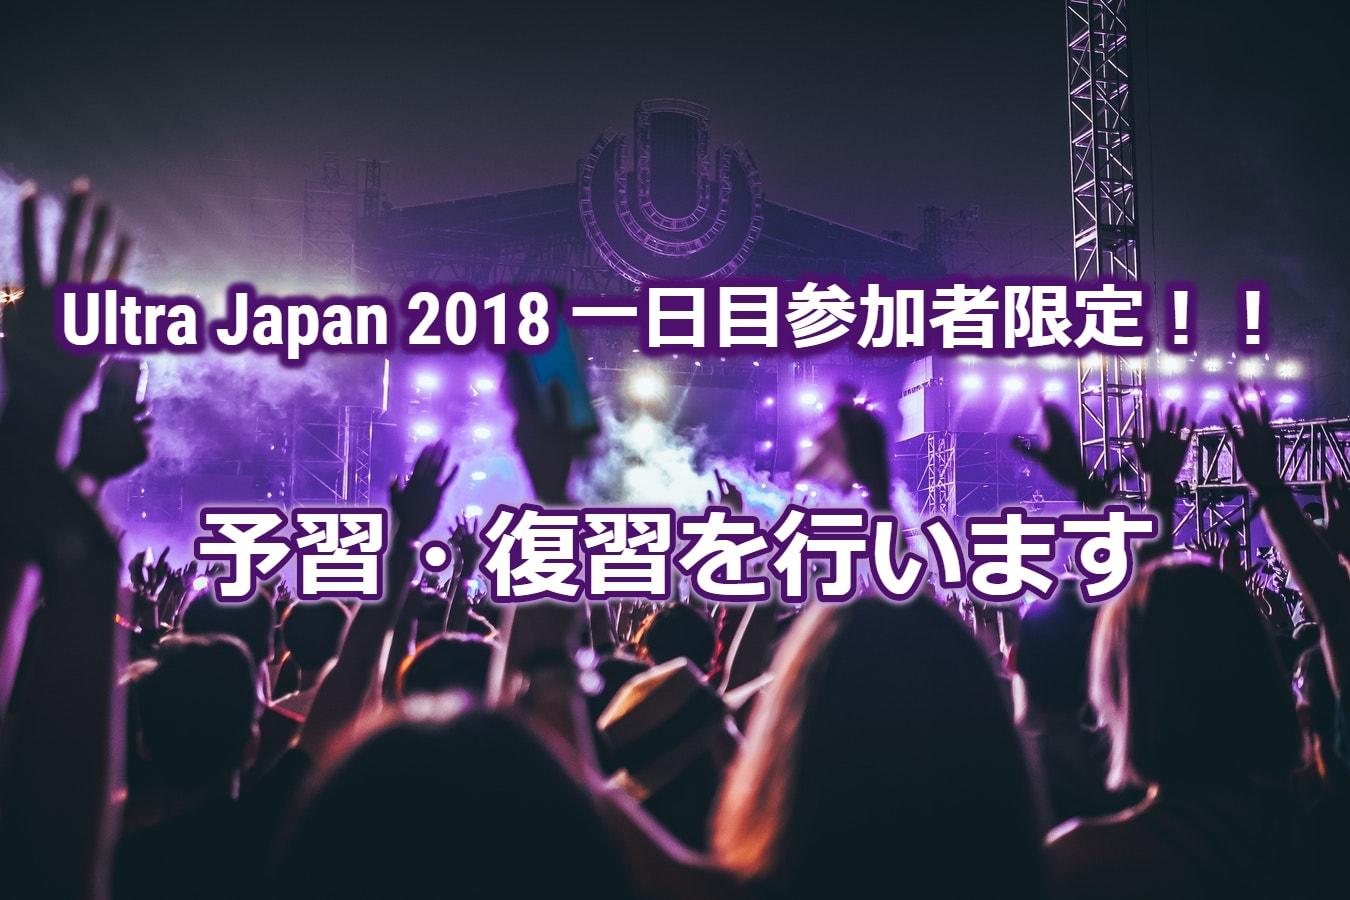 Ultra Japan 2018 1日目の絶対に知っておきたいDJ・曲【予習・復習】